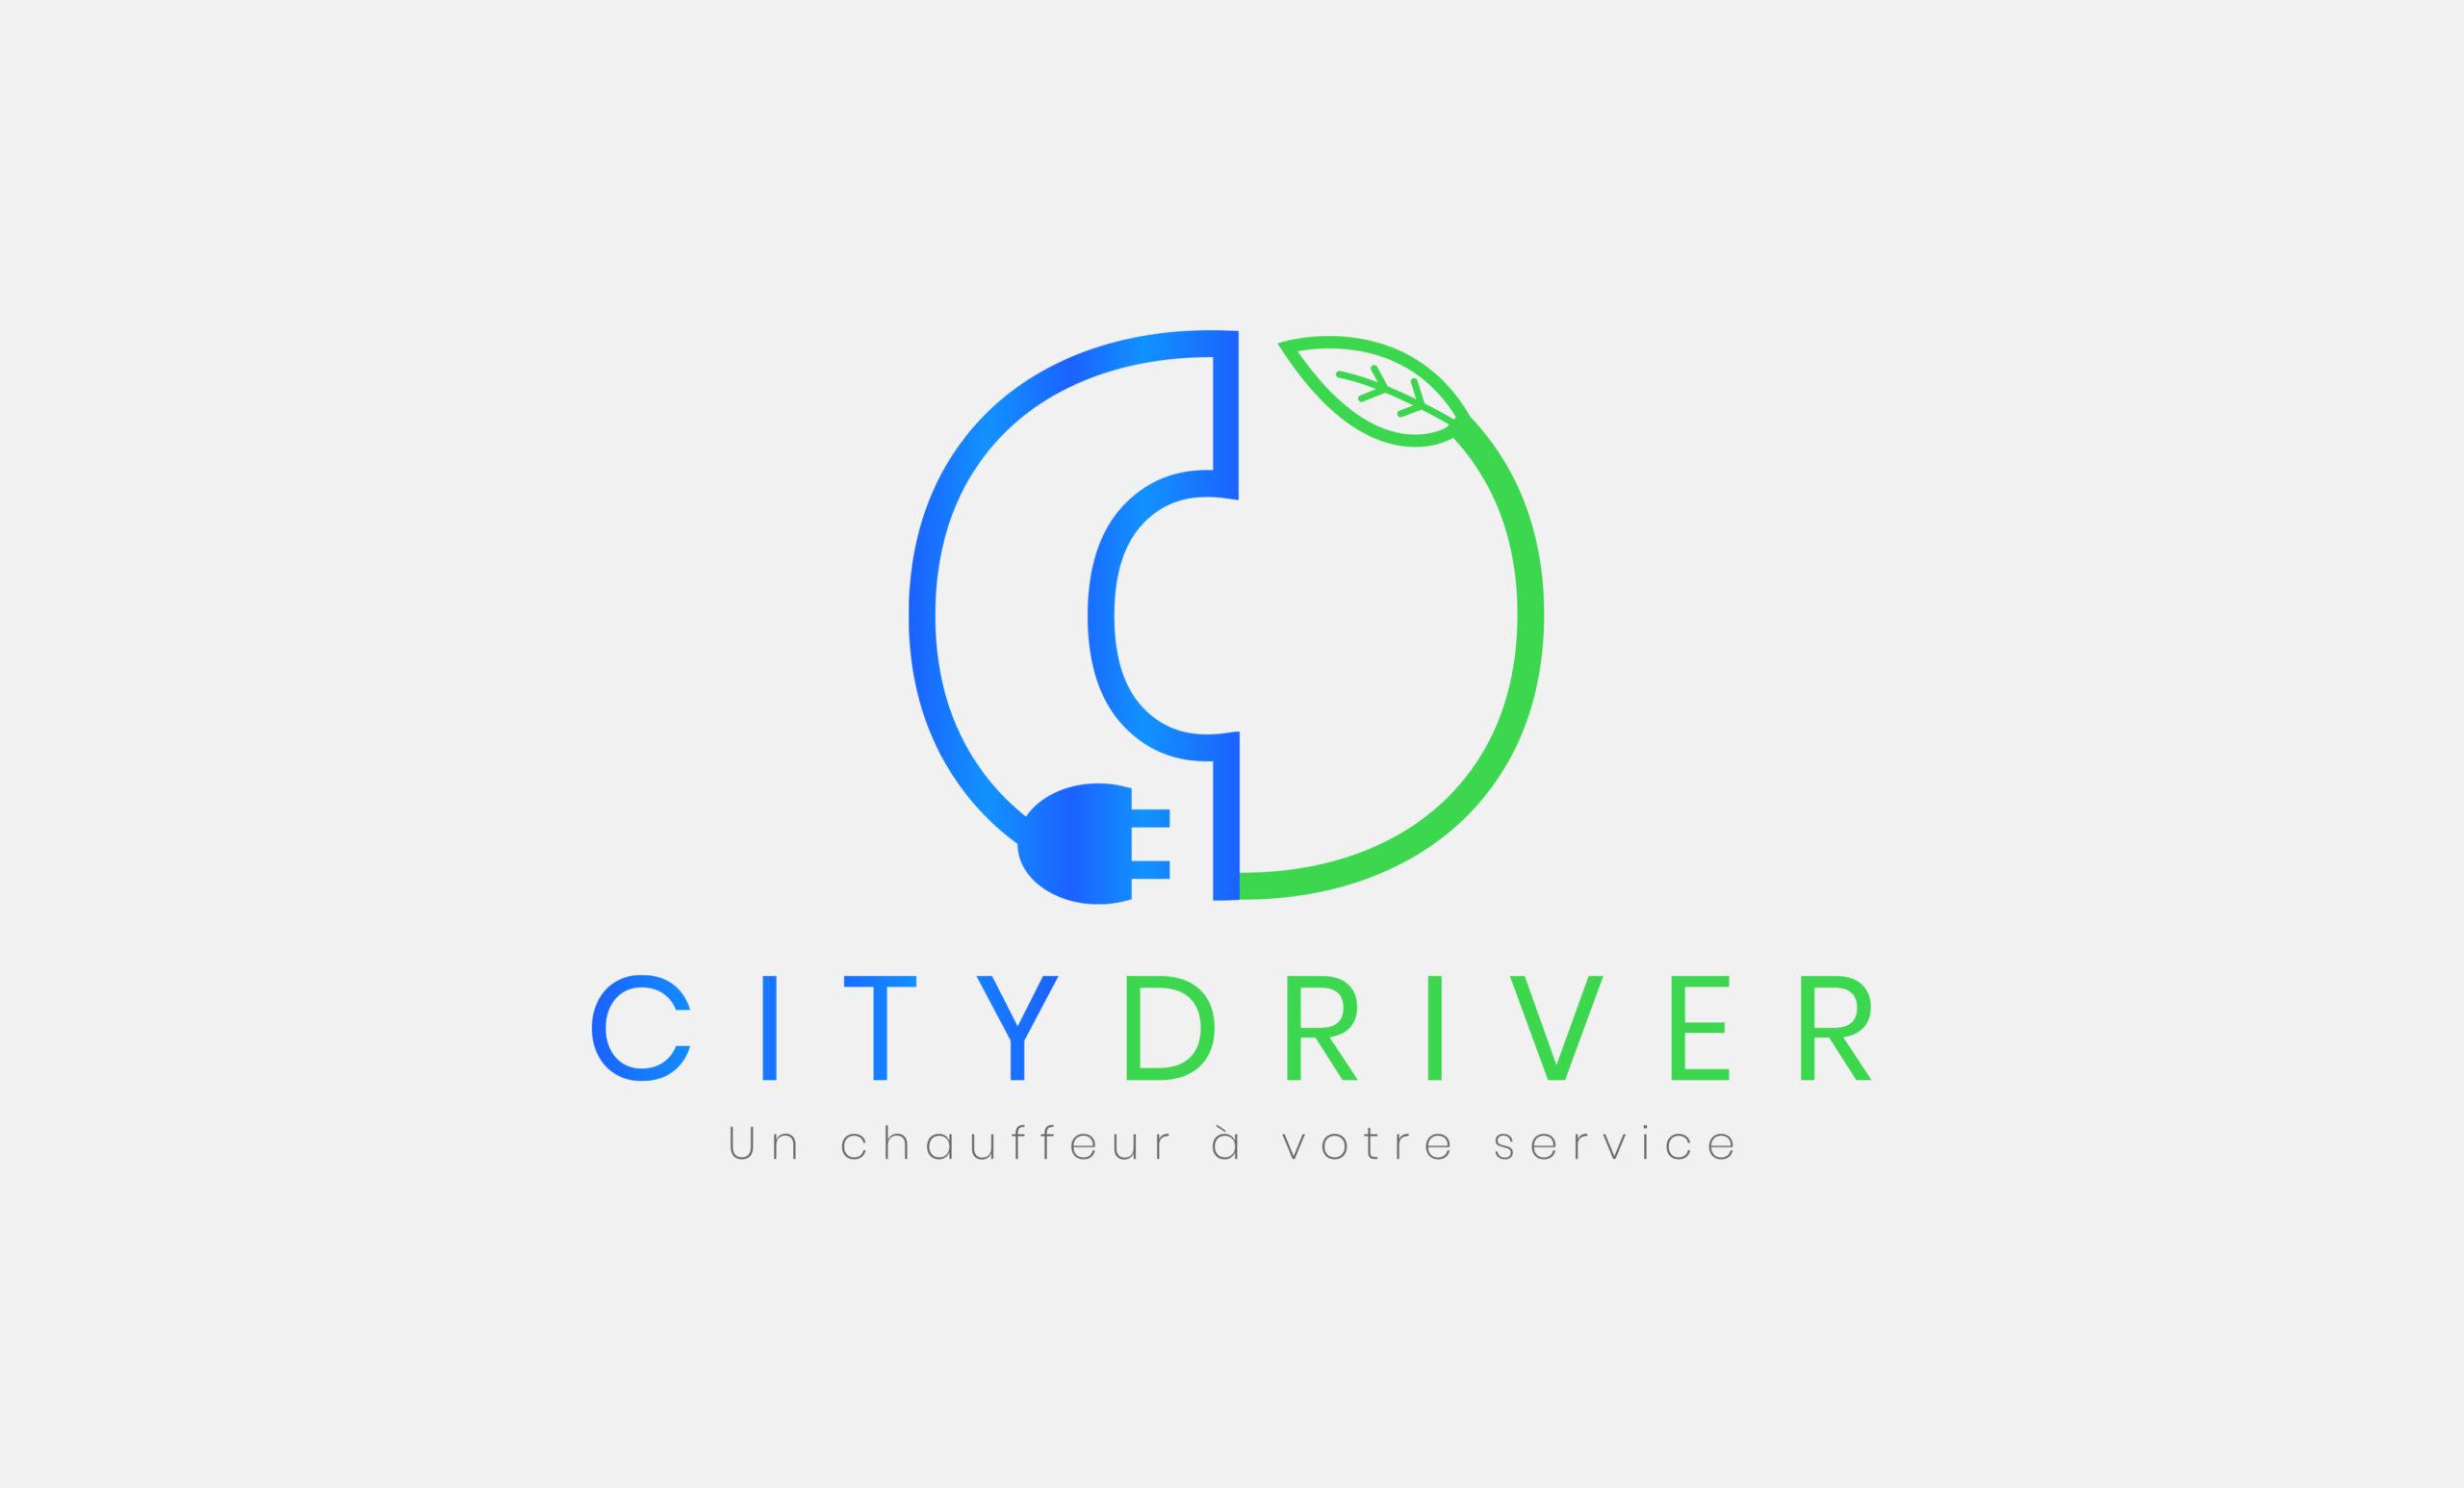 logo-chauffeur-voiture-electrique